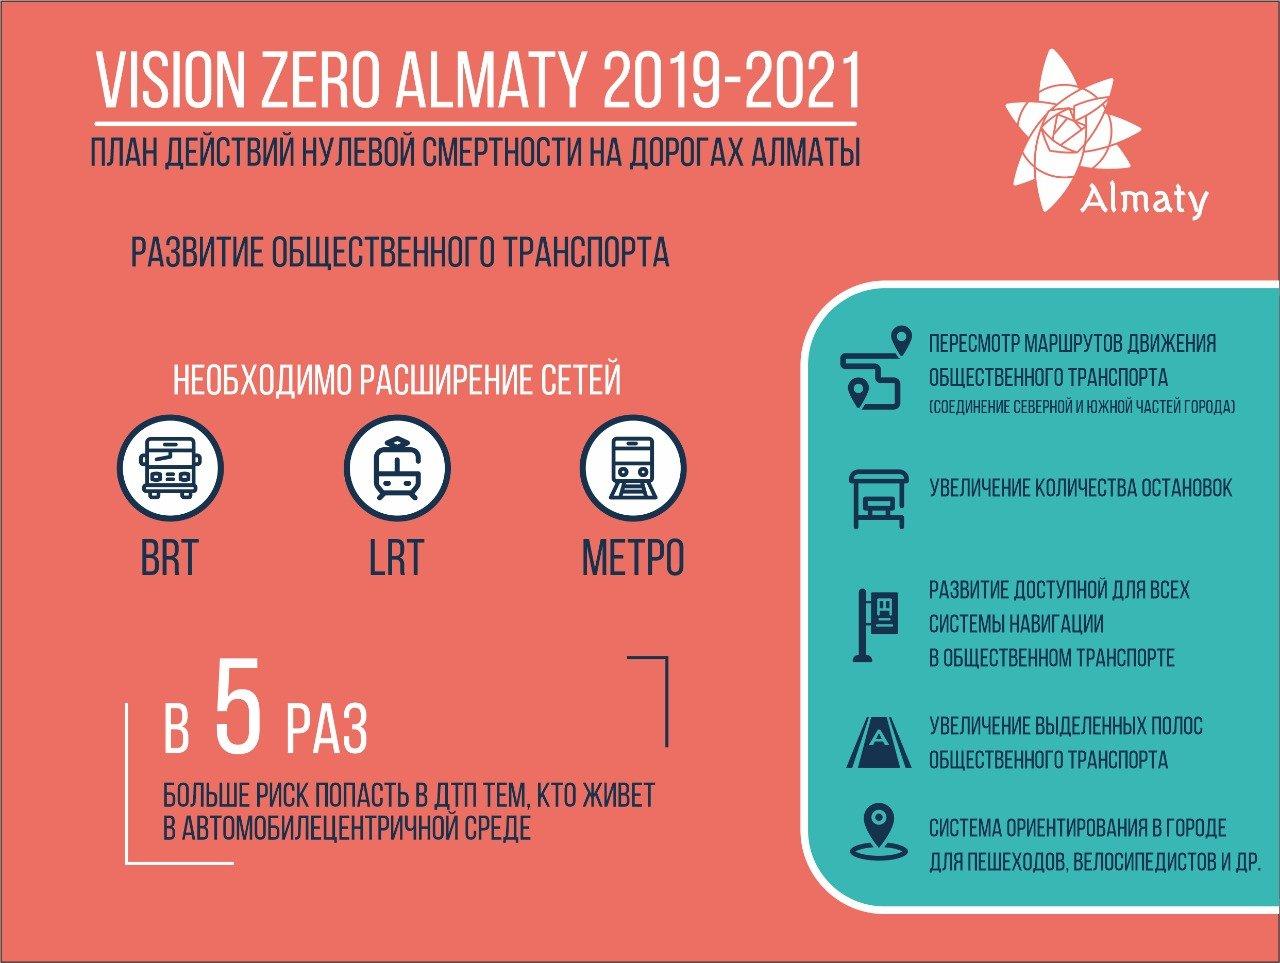 План нулевой смертности на дорогах вводят в Алматы, фото-3